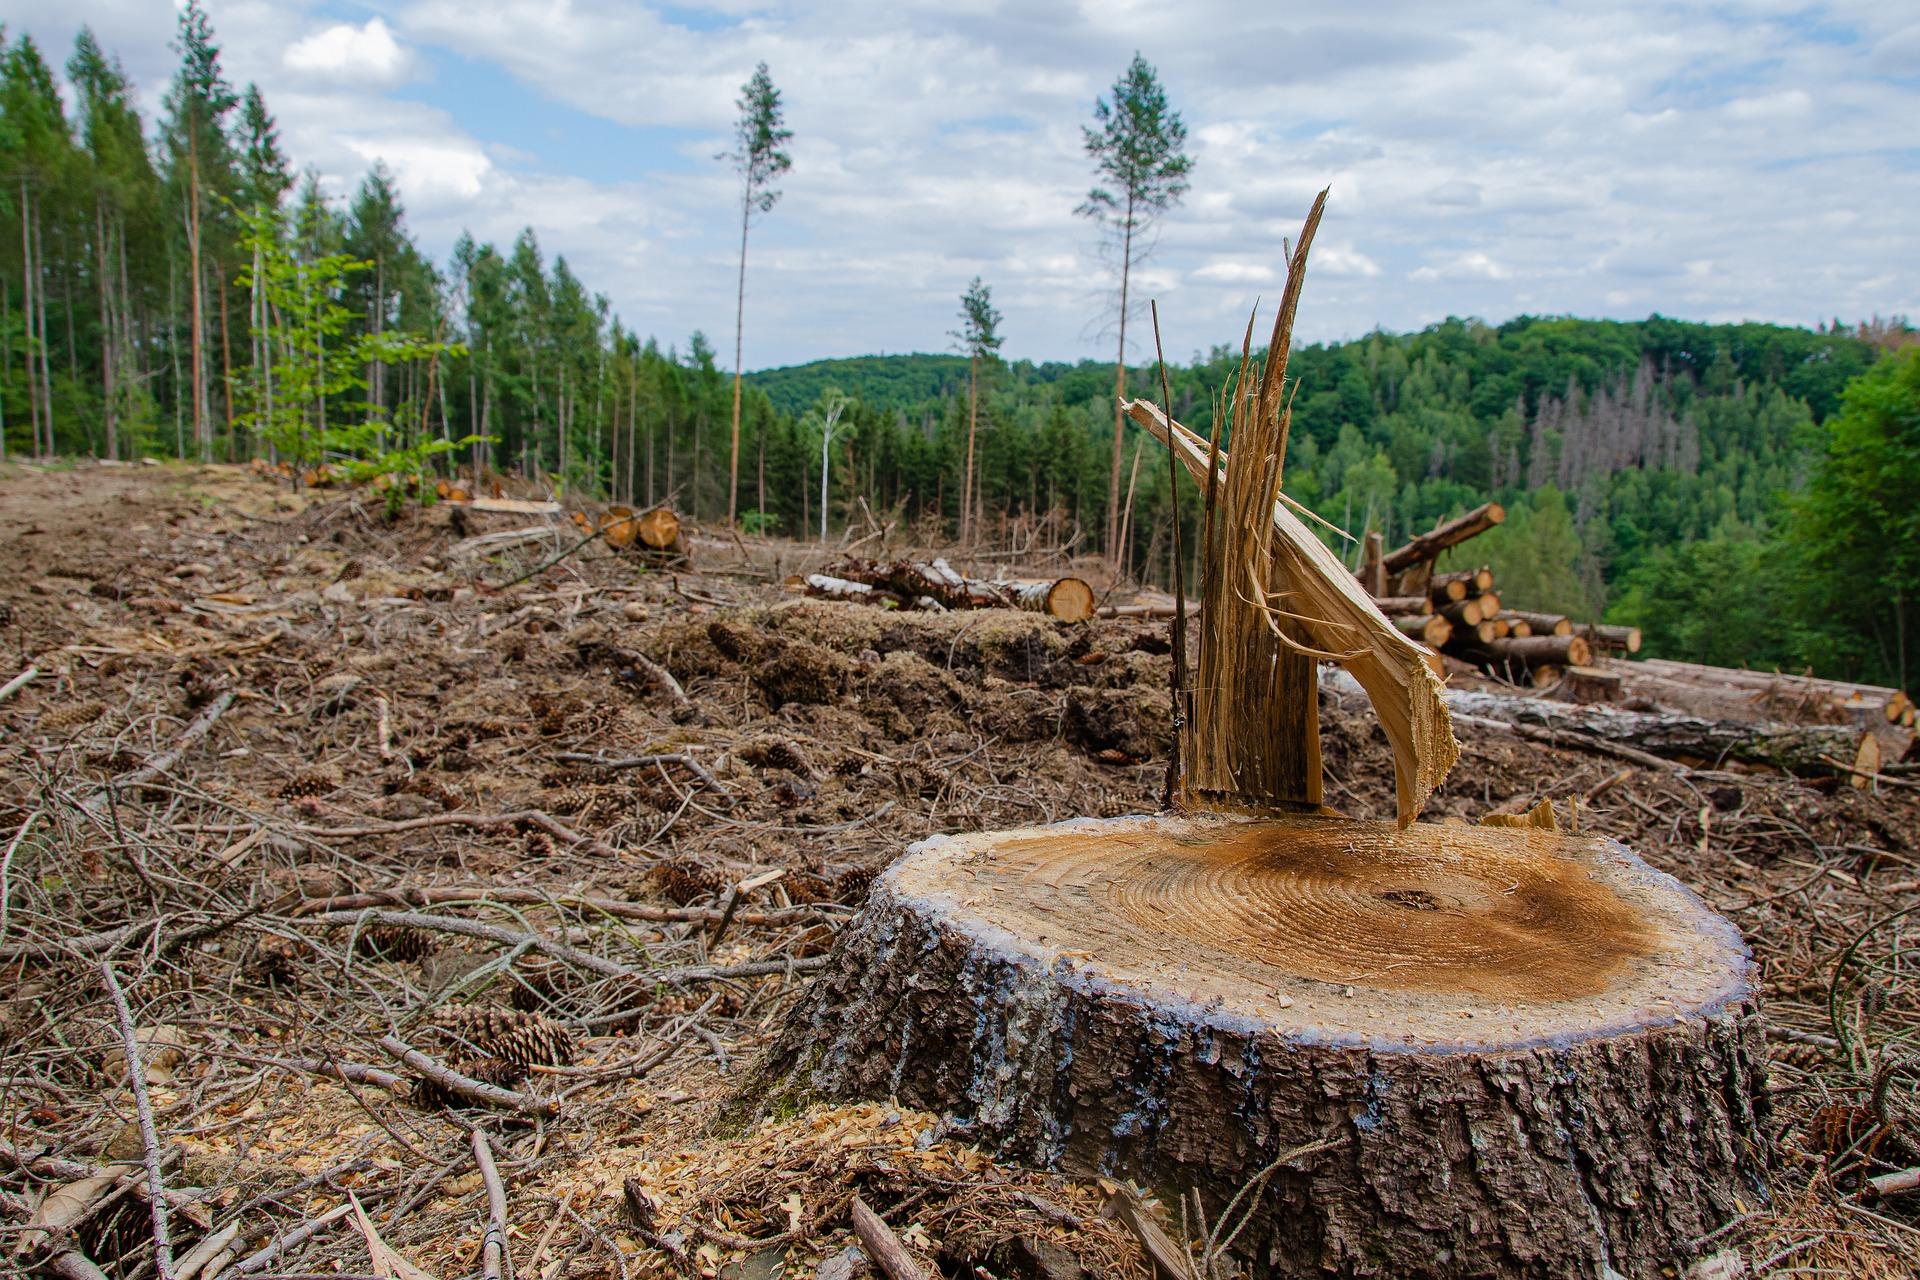 Estudio: Conservar el medio ambiente reduce la violencia en la sociedad